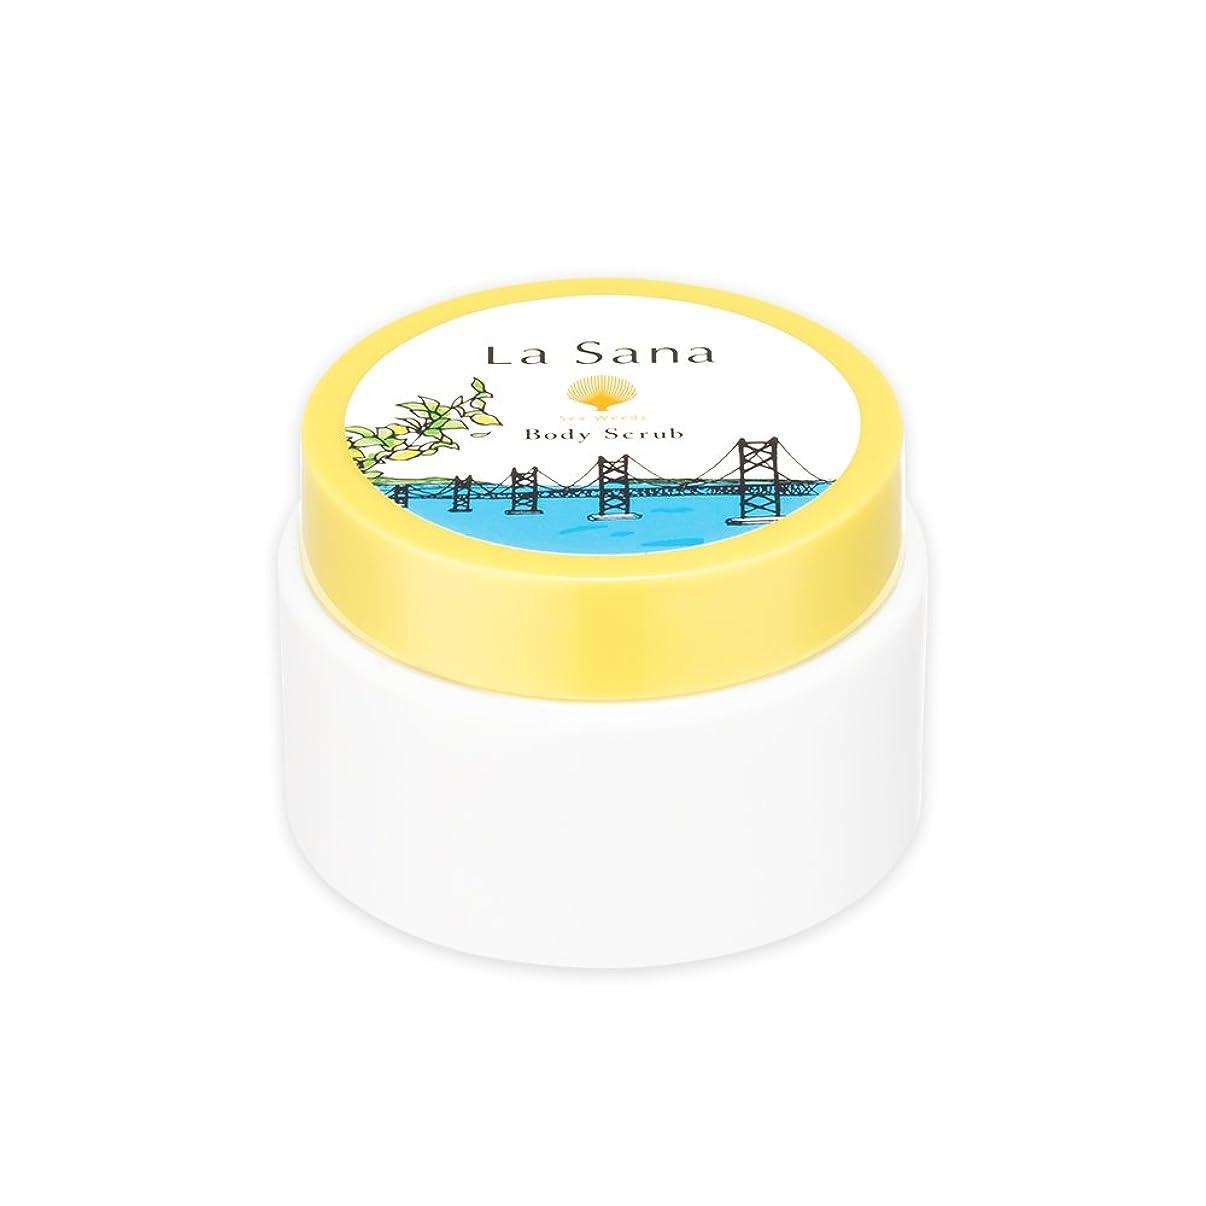 前提条件項目エキスラサーナ La sana 海藻 ボディ スクラブ 100g 限定 瀬戸内レモンの香り ボディケア 日本製 (約1ヵ月分)